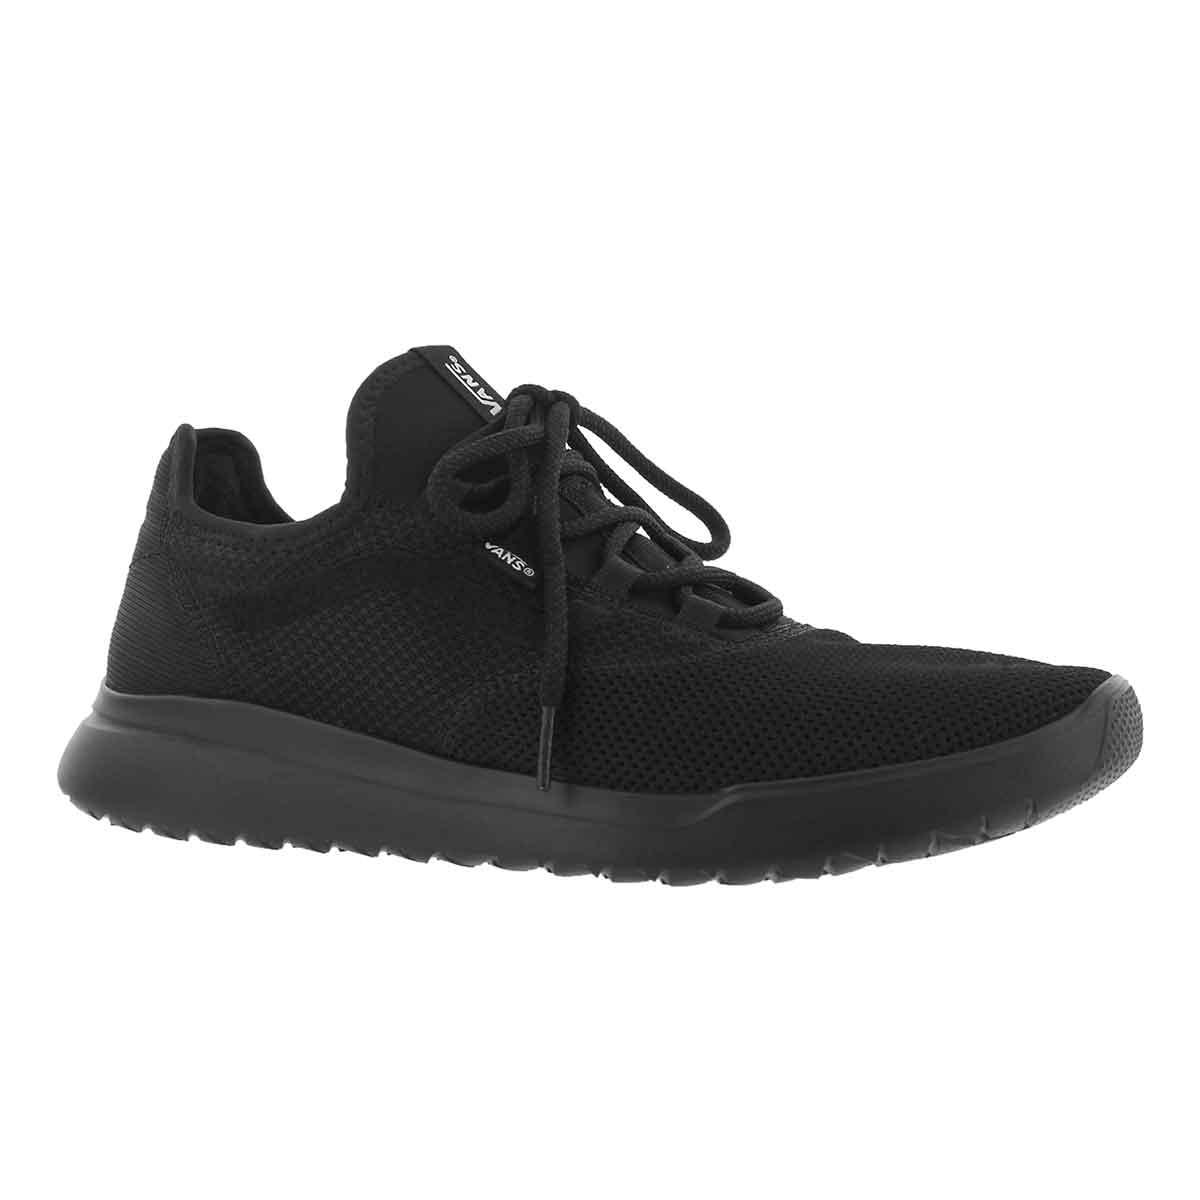 Men's CERUS LITE blk/blk lace up sneakers